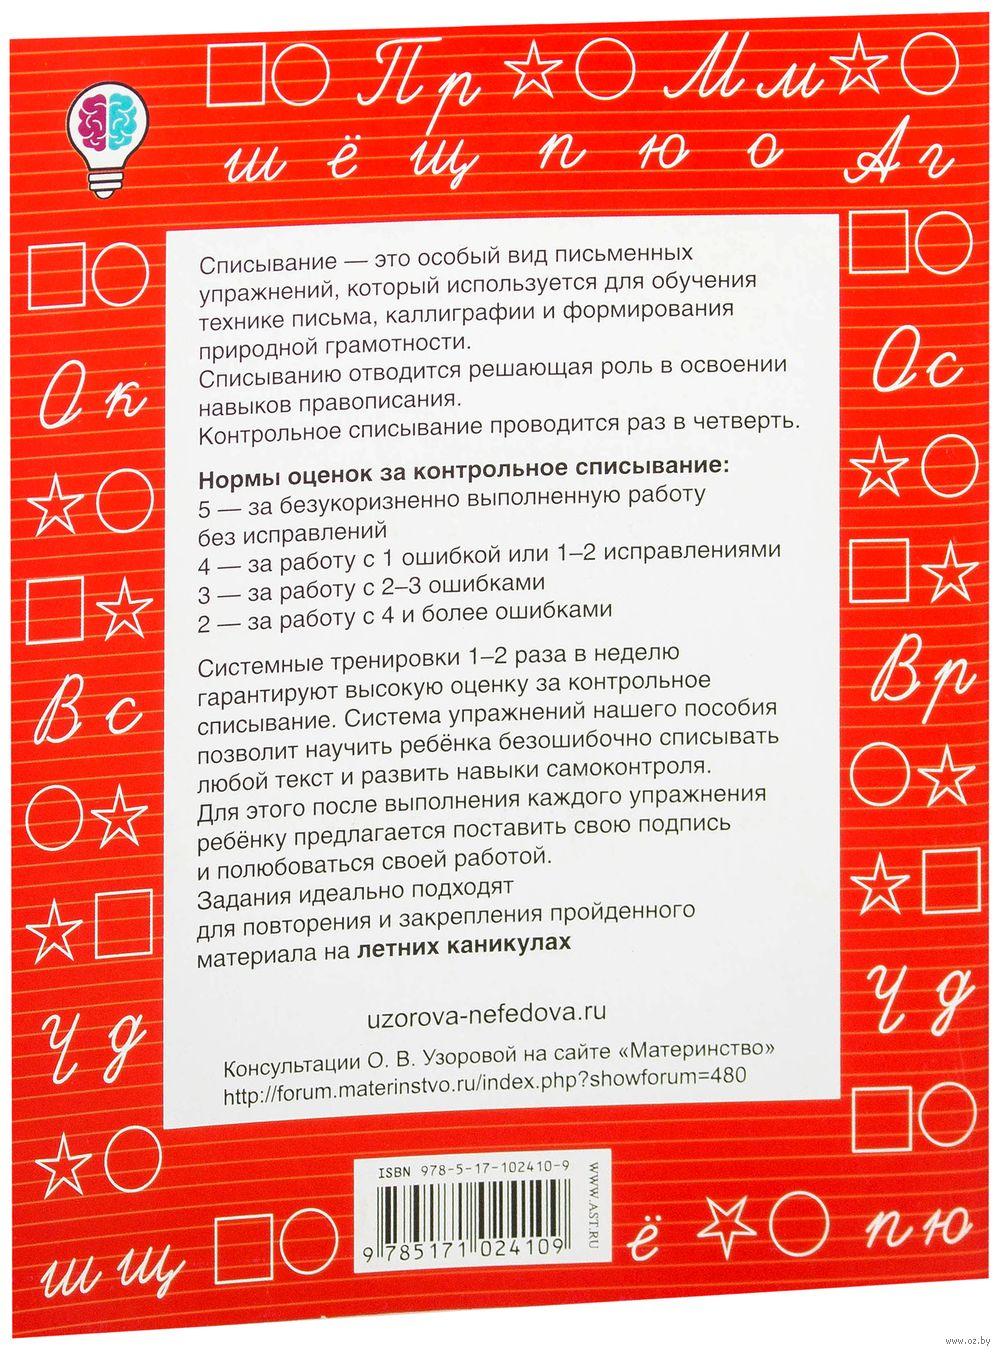 Контрольное списывание класс Елена Нефедова Ольга Узорова   Контрольное списывание 2 класс фото картинка 6